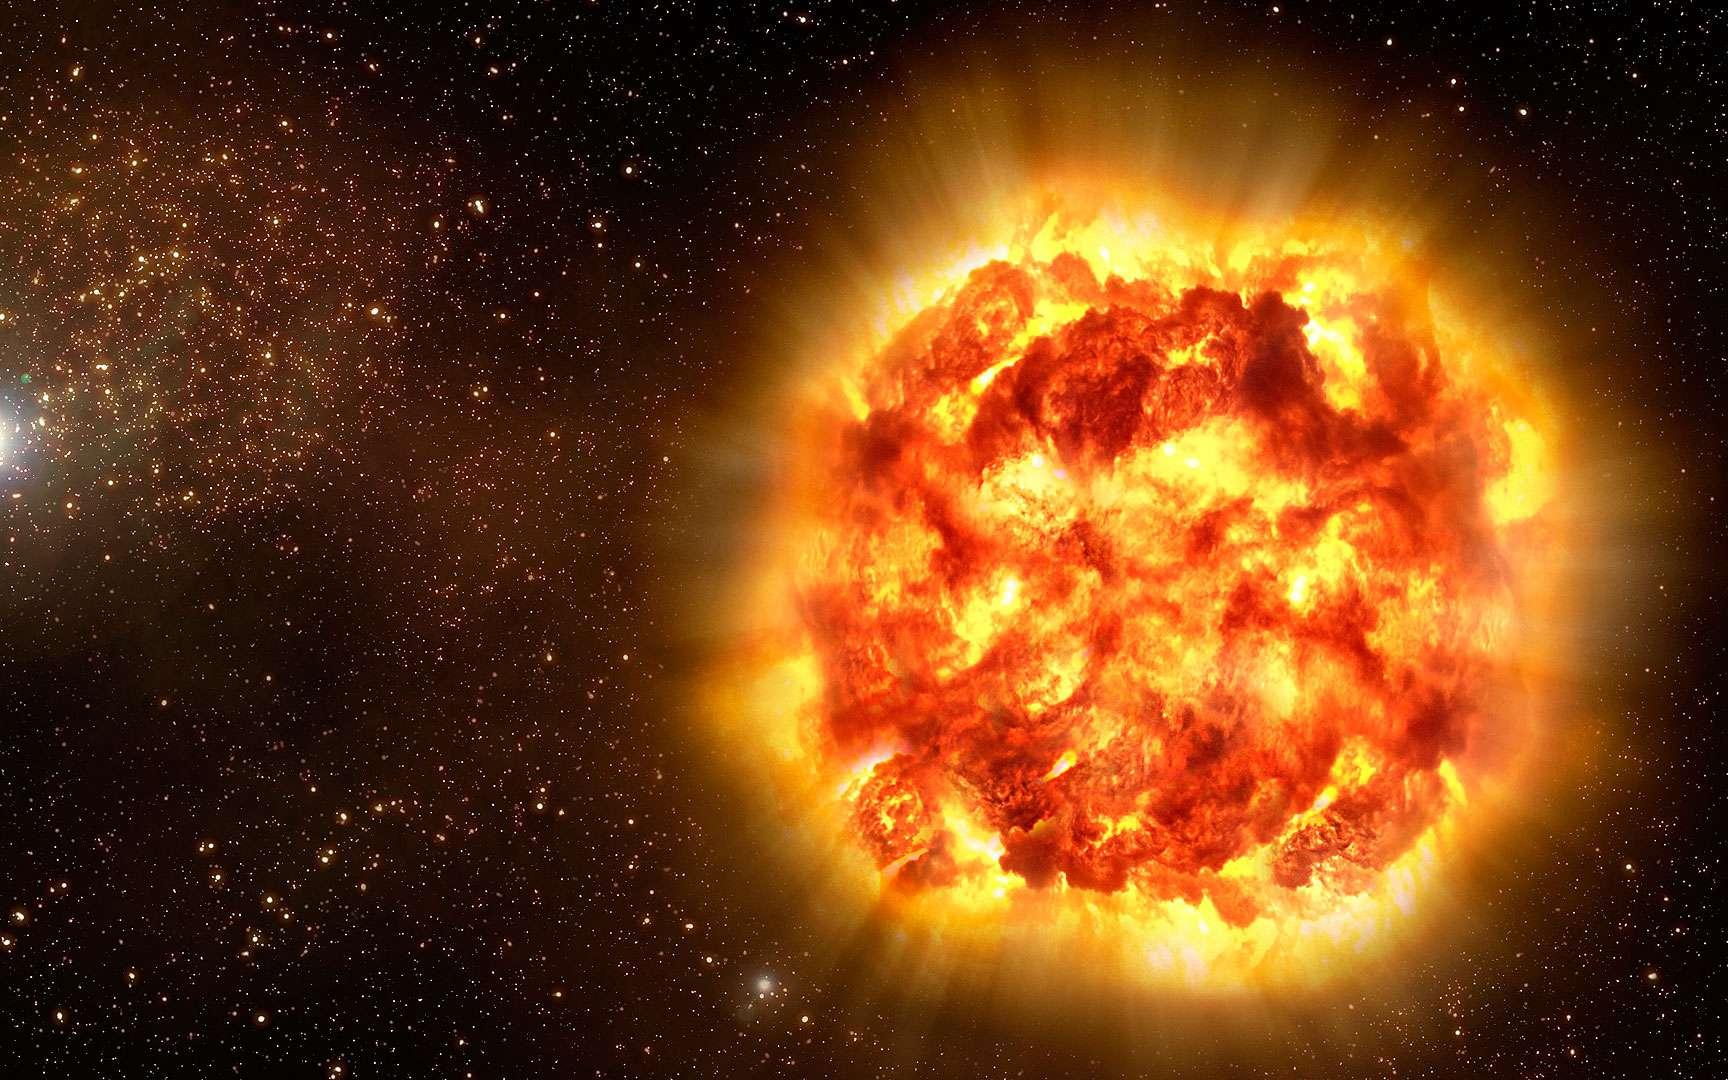 supernova dans NGC 6118. L'étoile indiquée par une flèche est une supernova, observée au VLT.